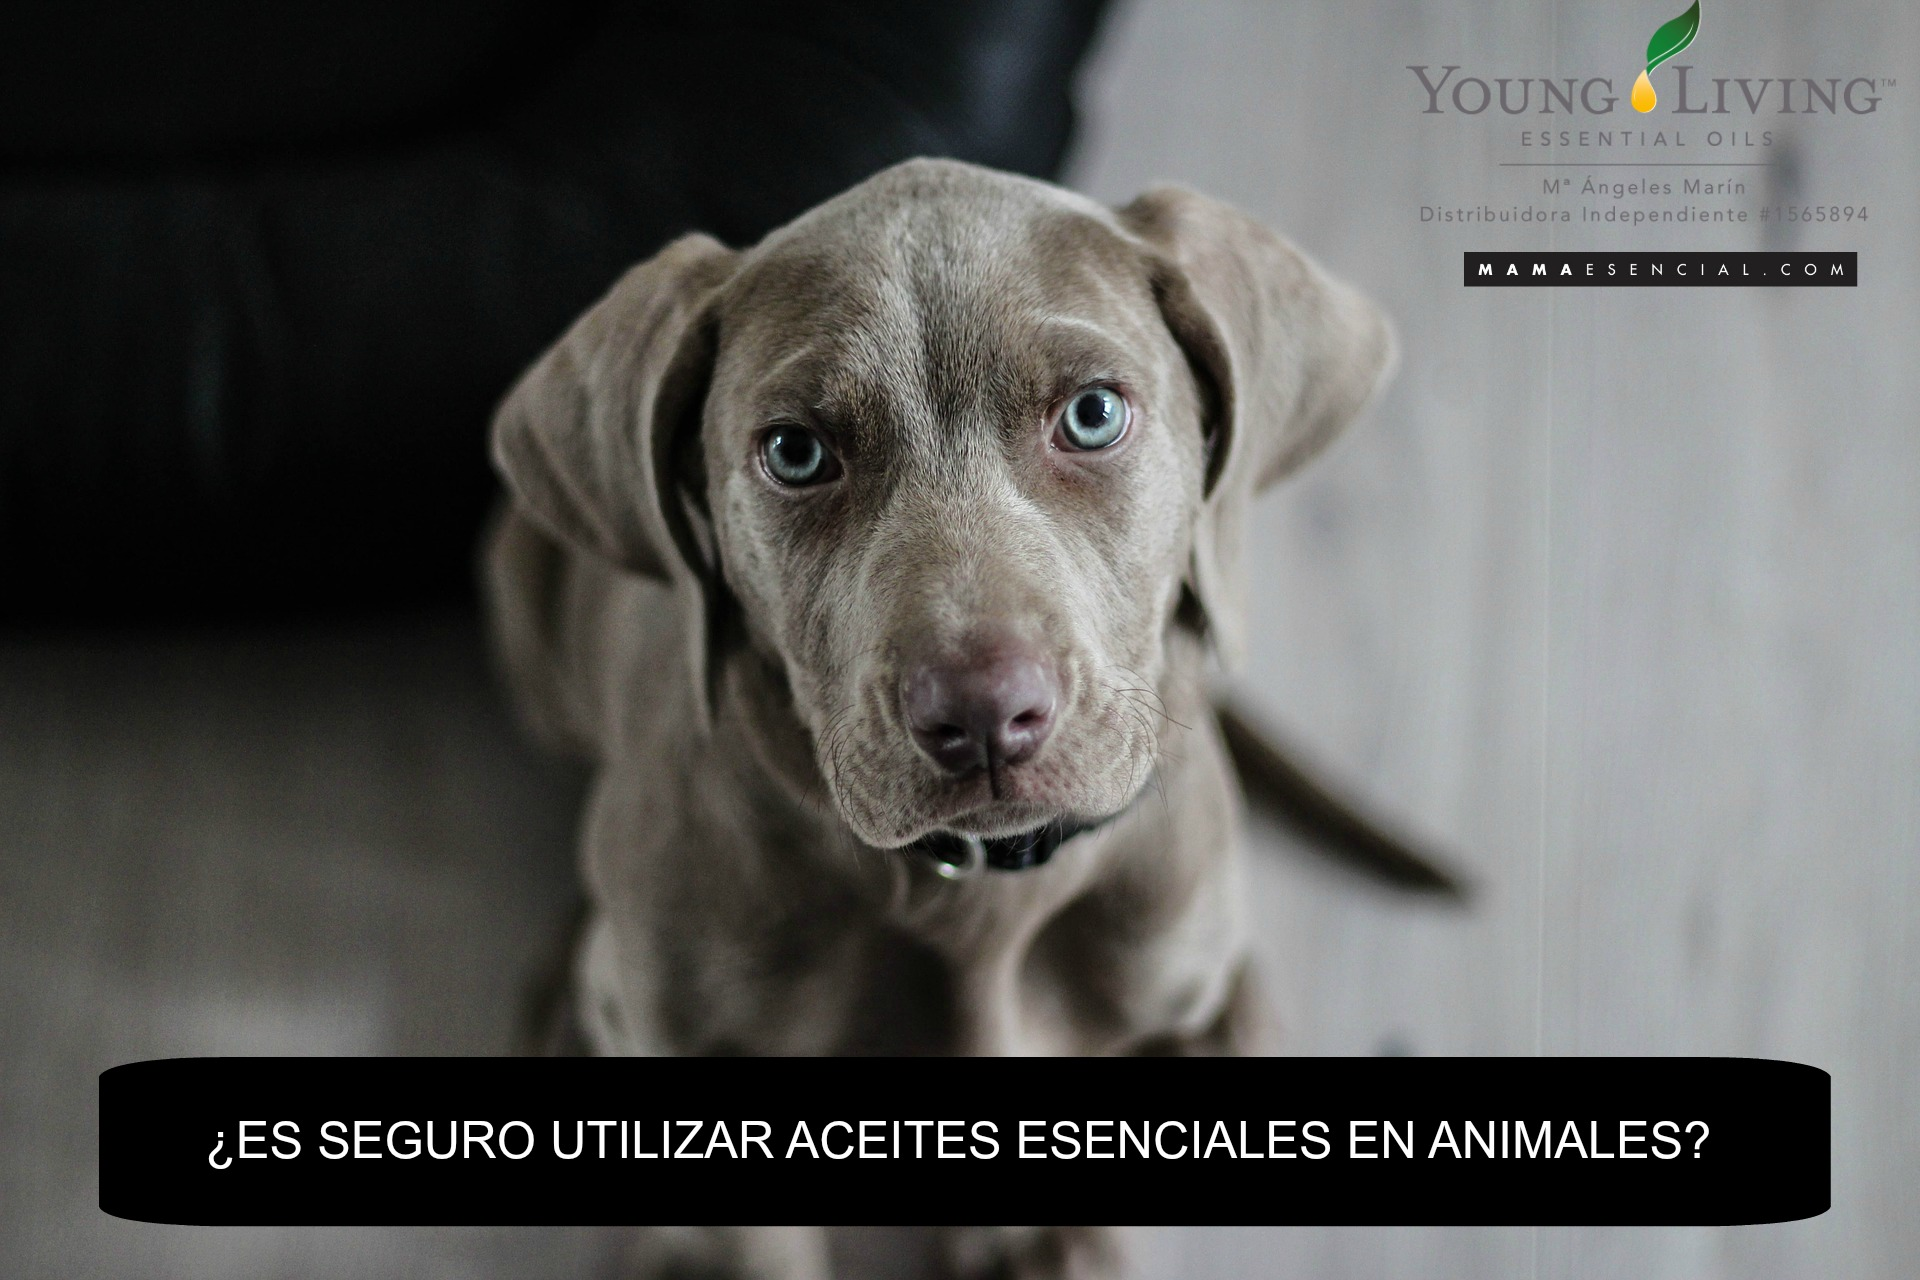 Es seguro utilizar aceites esenciales en animales